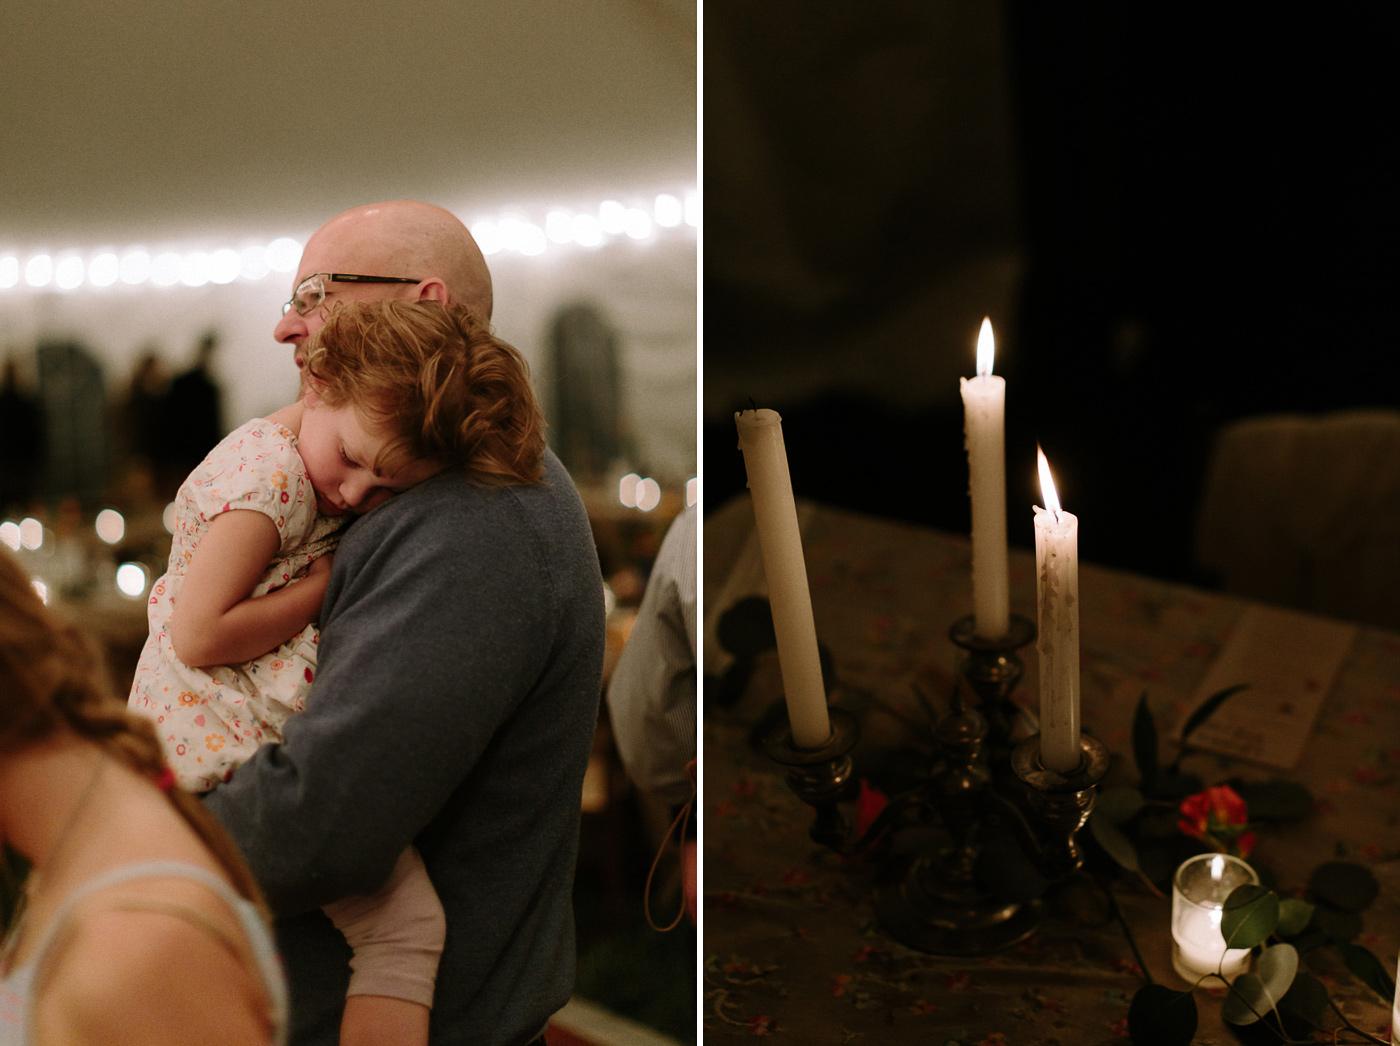 Little girl sleeping candles